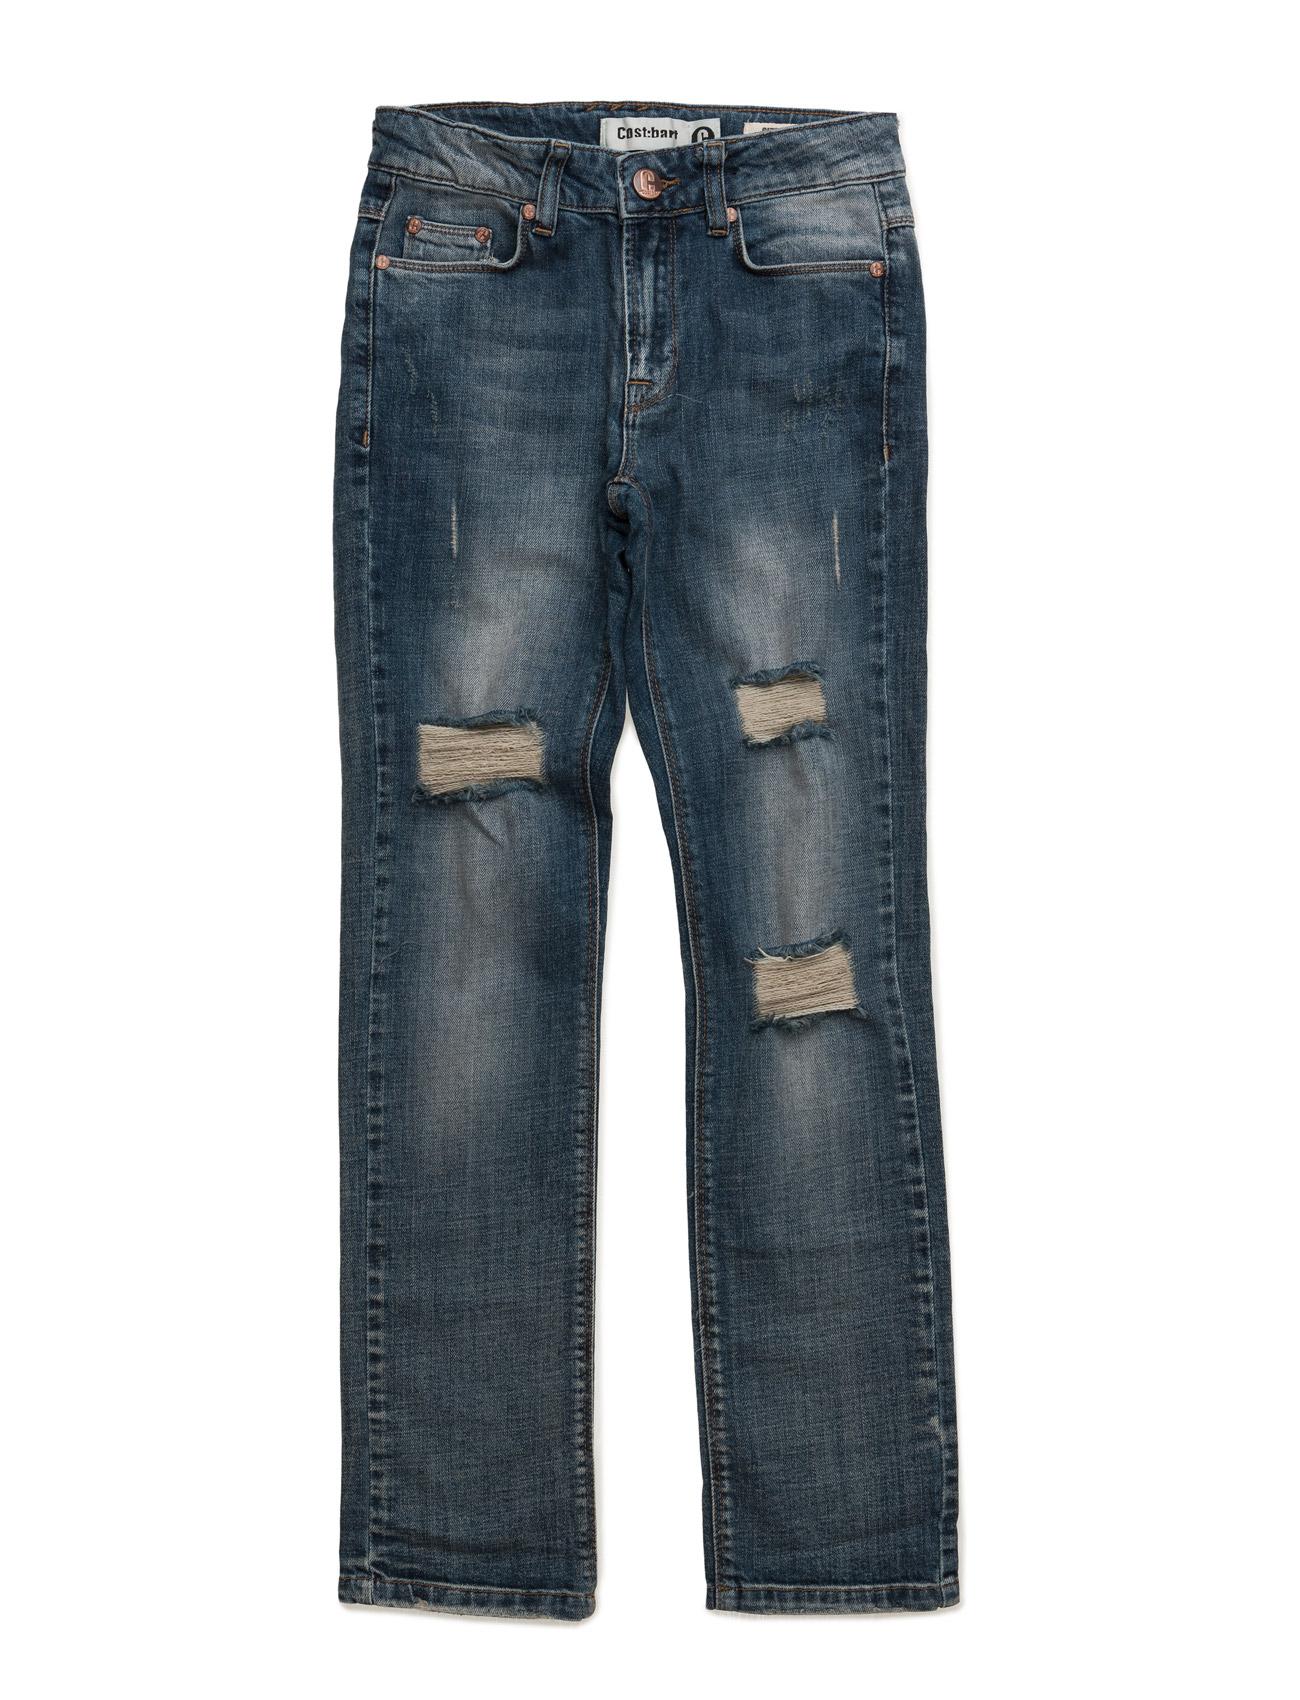 Dave Jeans CostBart  til Børn i Blå